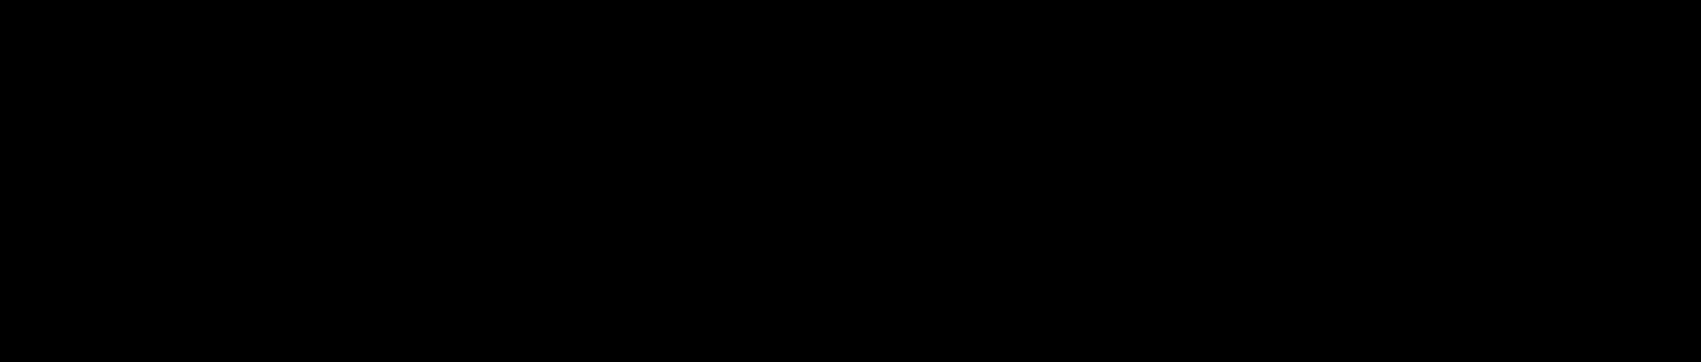 Imagotipo negro Arquitectura81